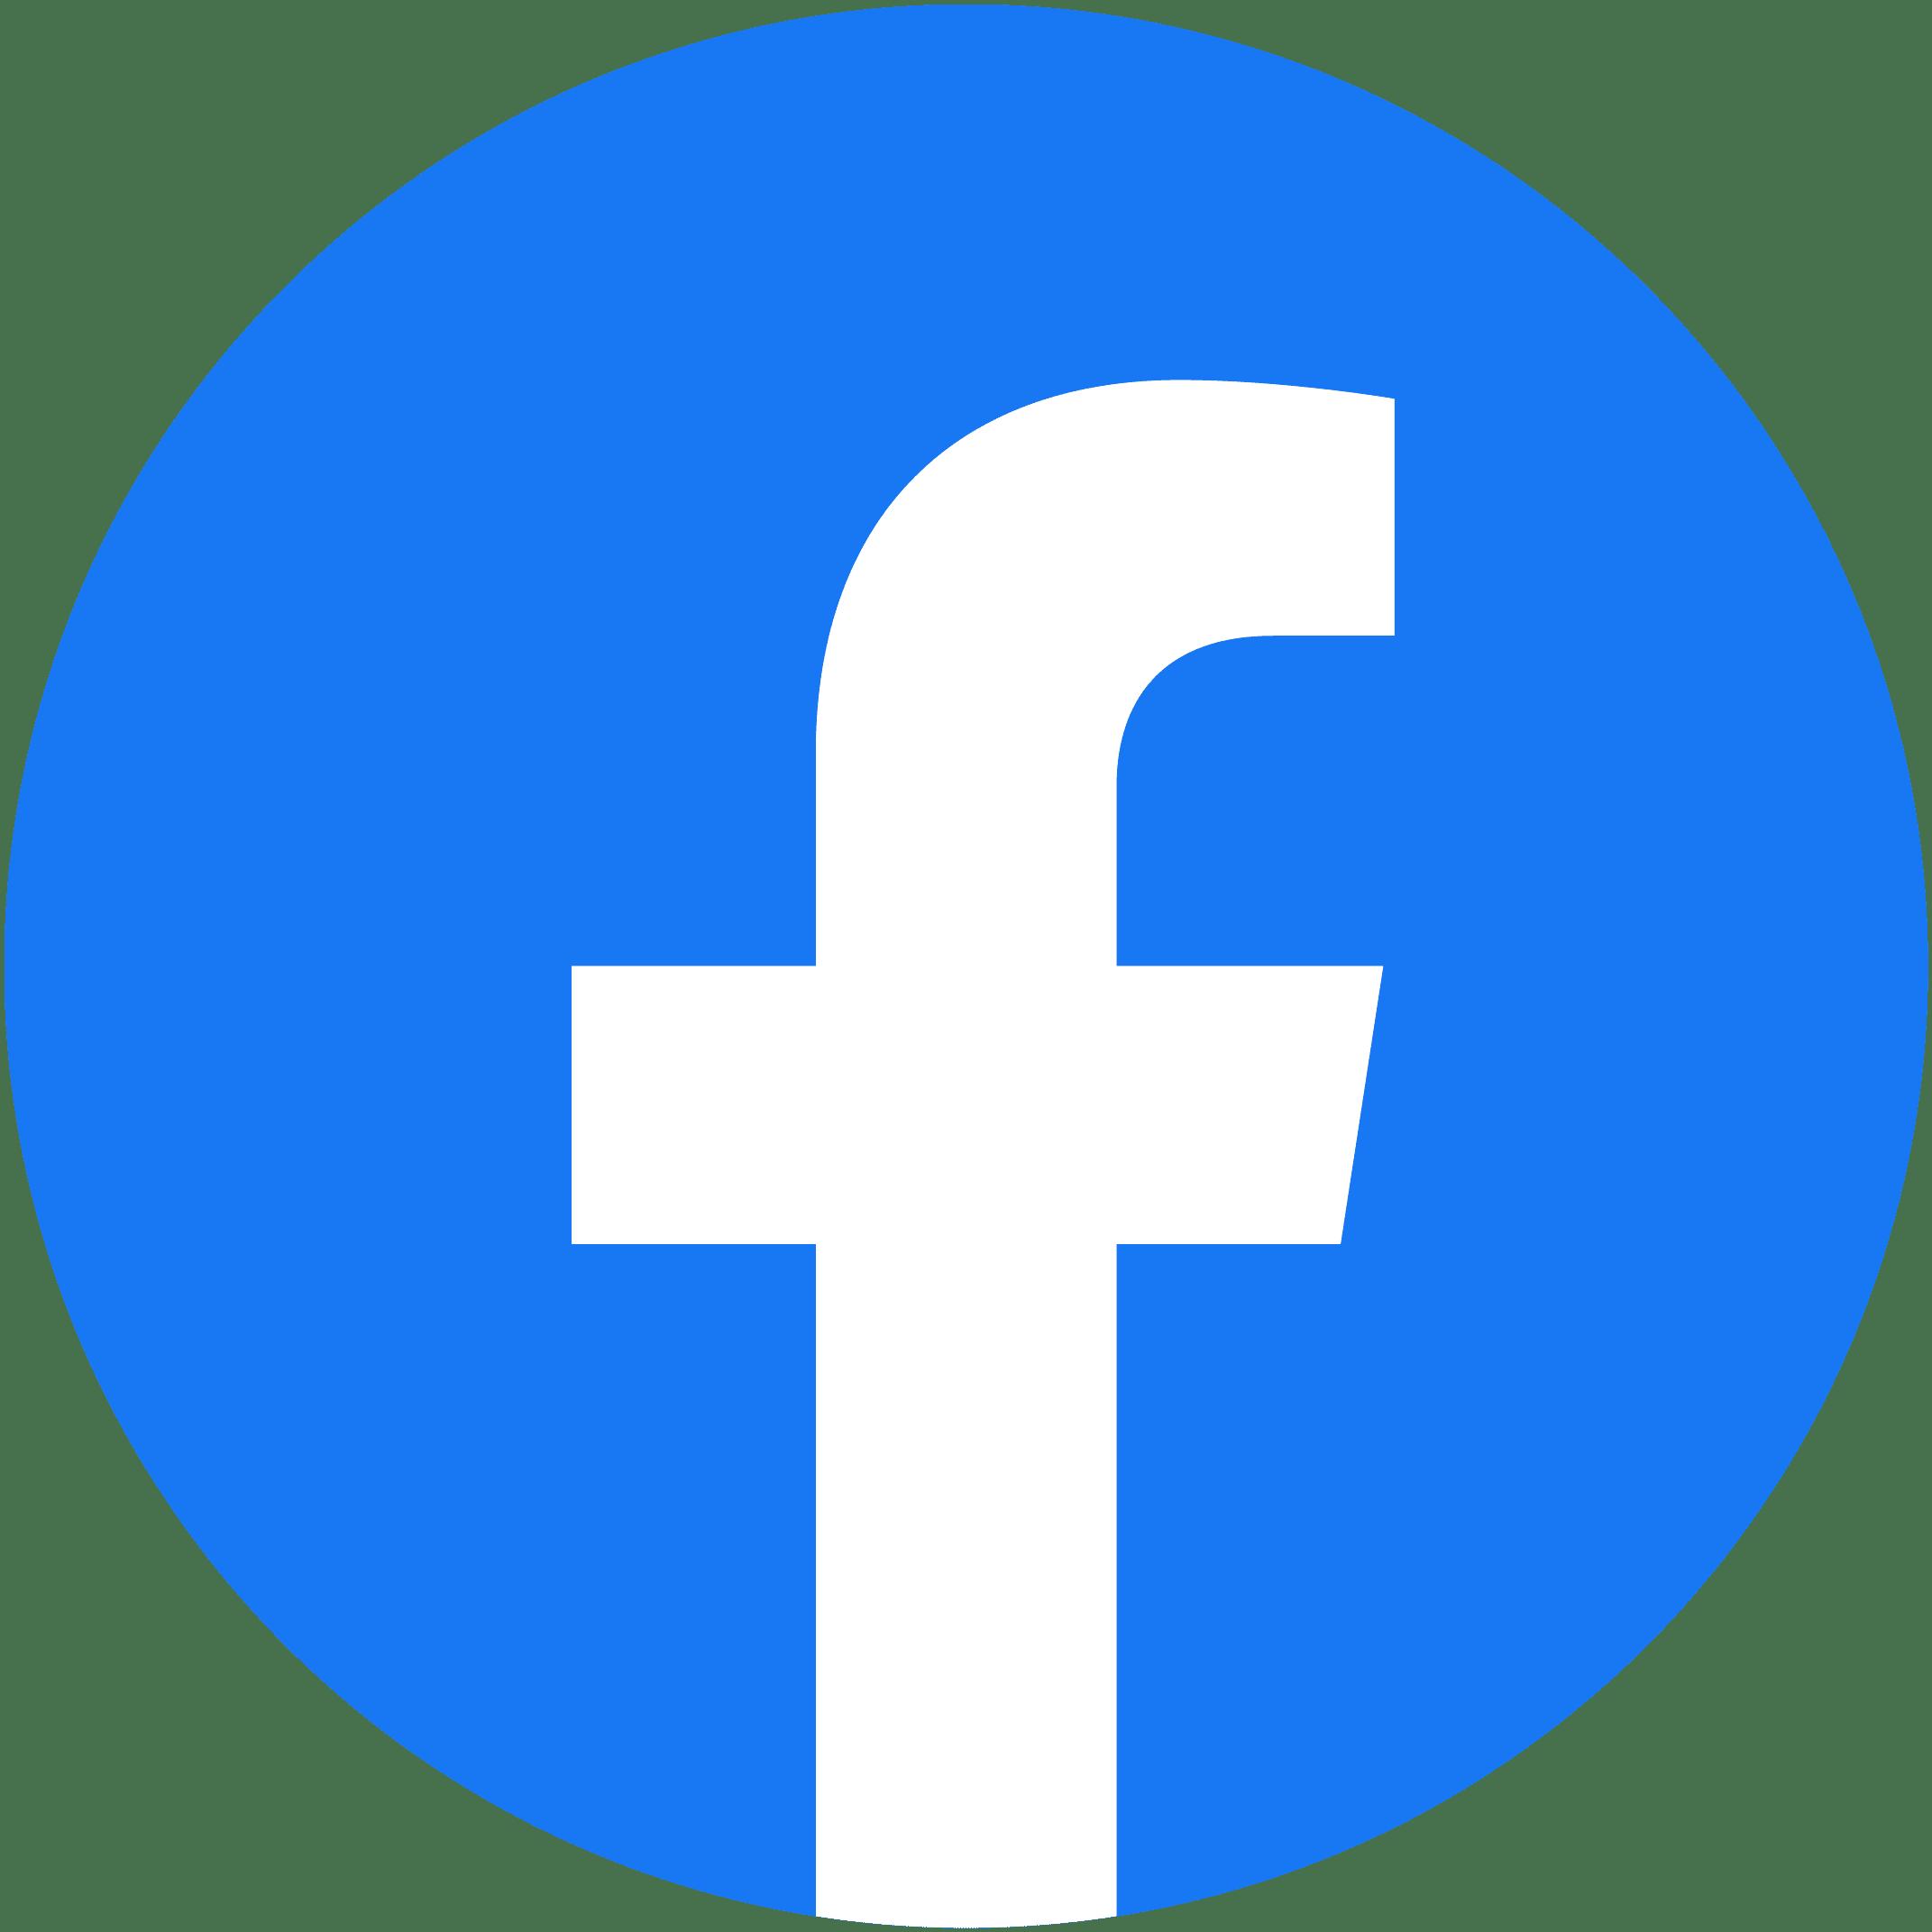 เฟซบุ๊ก -1